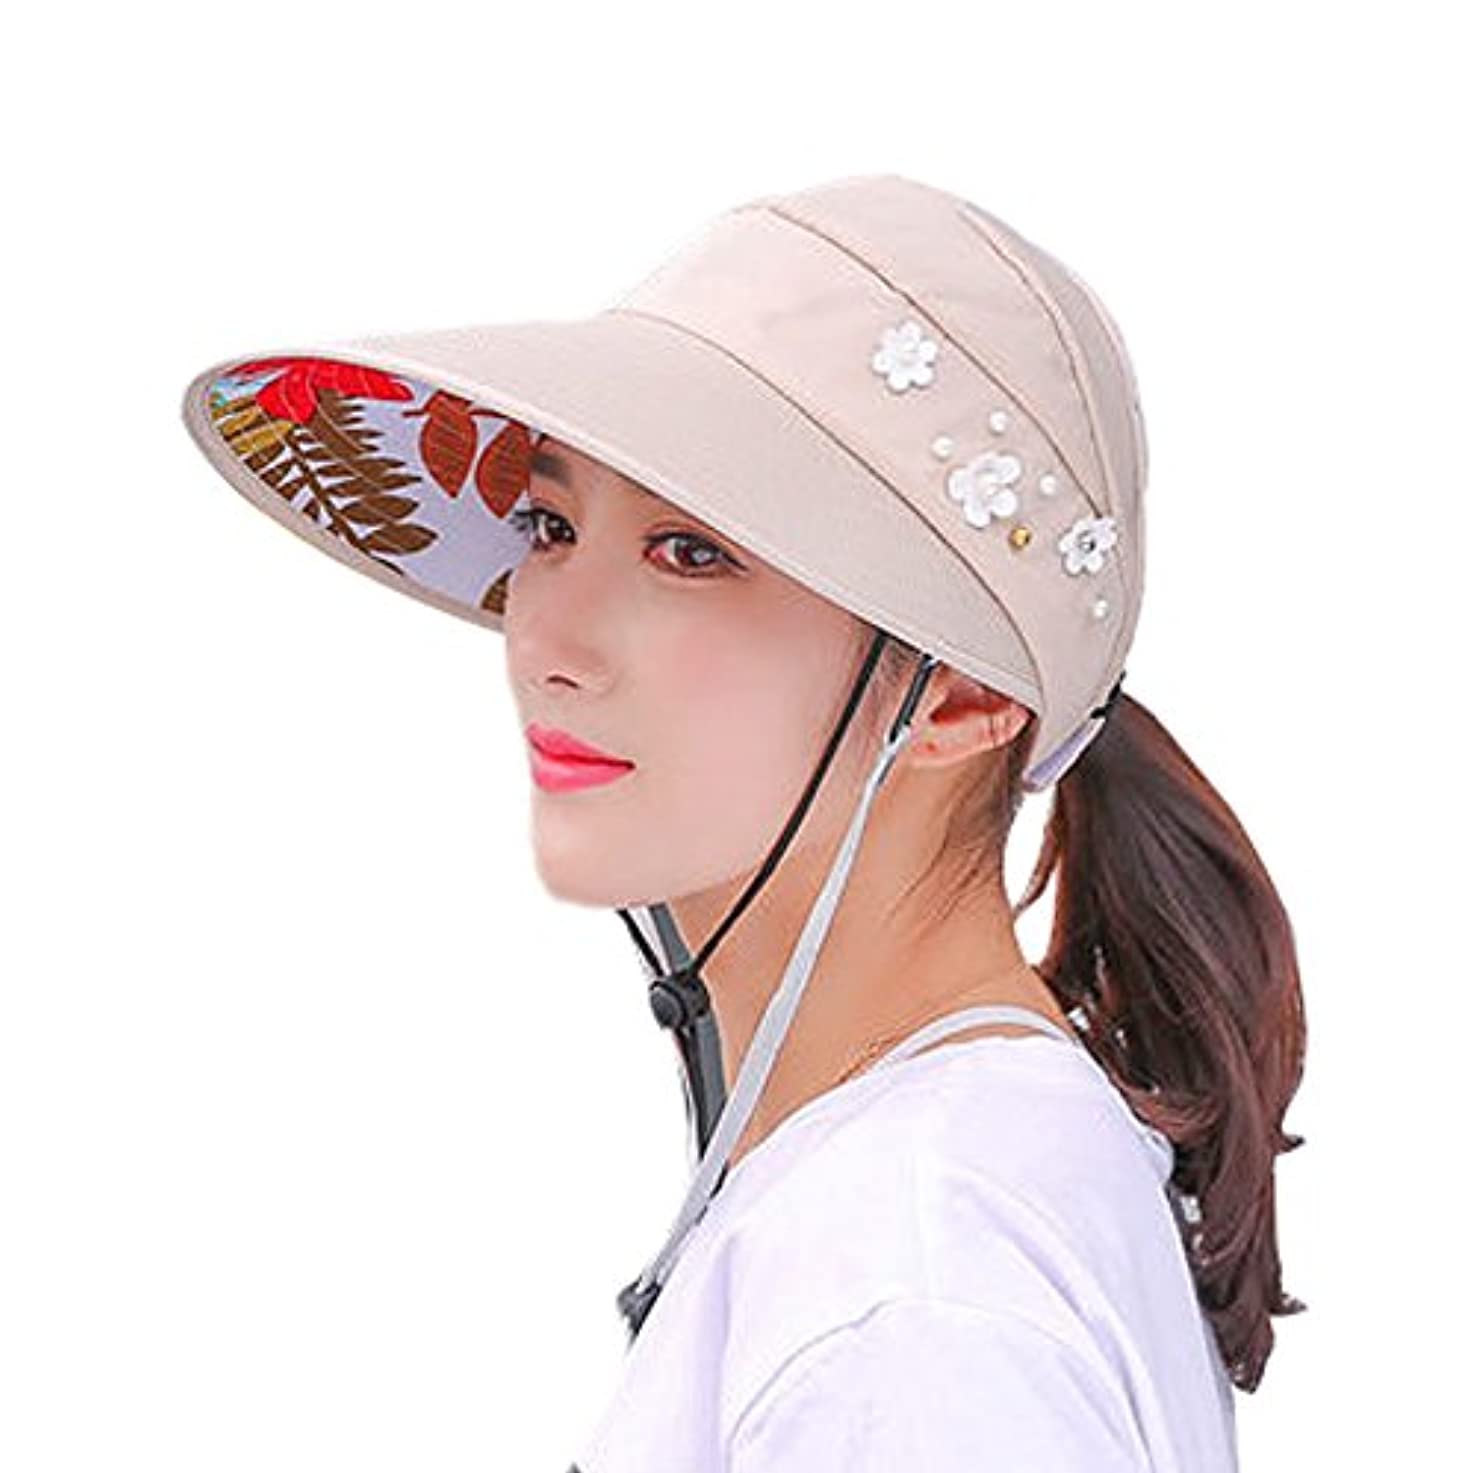 ブルゴーニュシーンブランドダブル防風ロープ帽子レディース夏カジュアルRiding潮の韓国バージョン紫外線対策春夏折りたたみ太陽帽子バイザーUPF 50 +